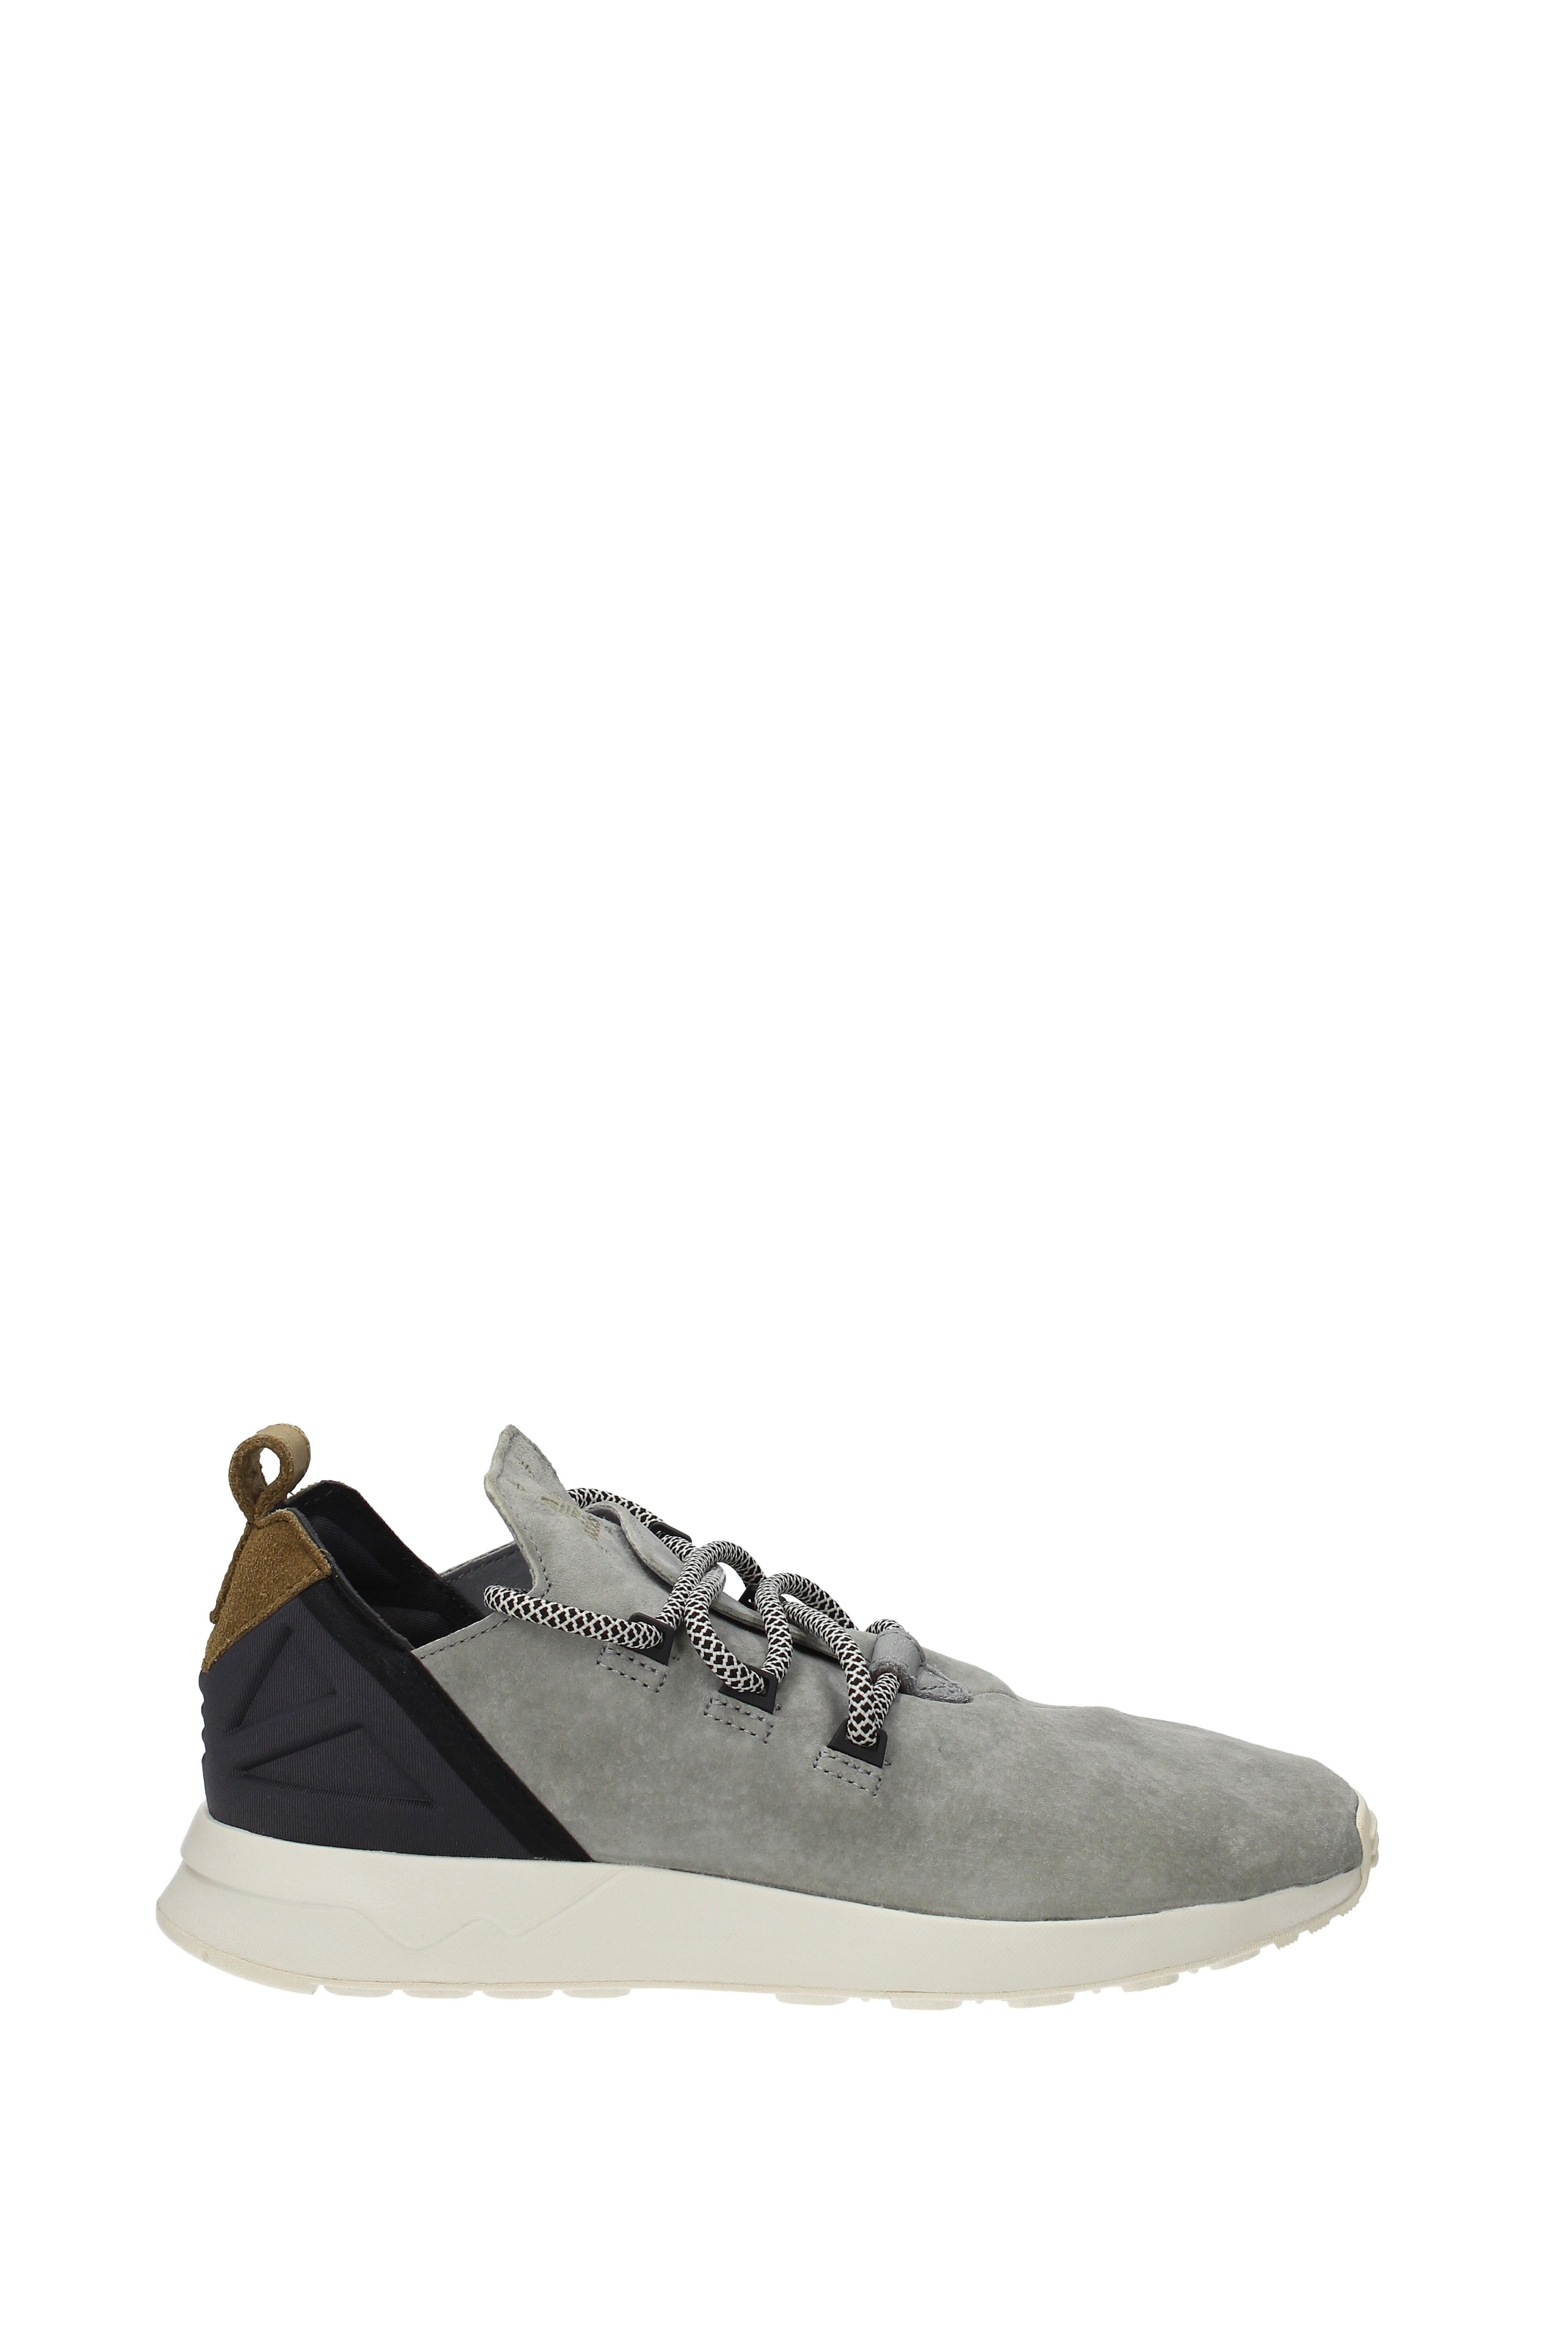 Sneakers Adidas zx flux adv x Uomo Uomo Uomo - Tessuto (S7636) 8db432